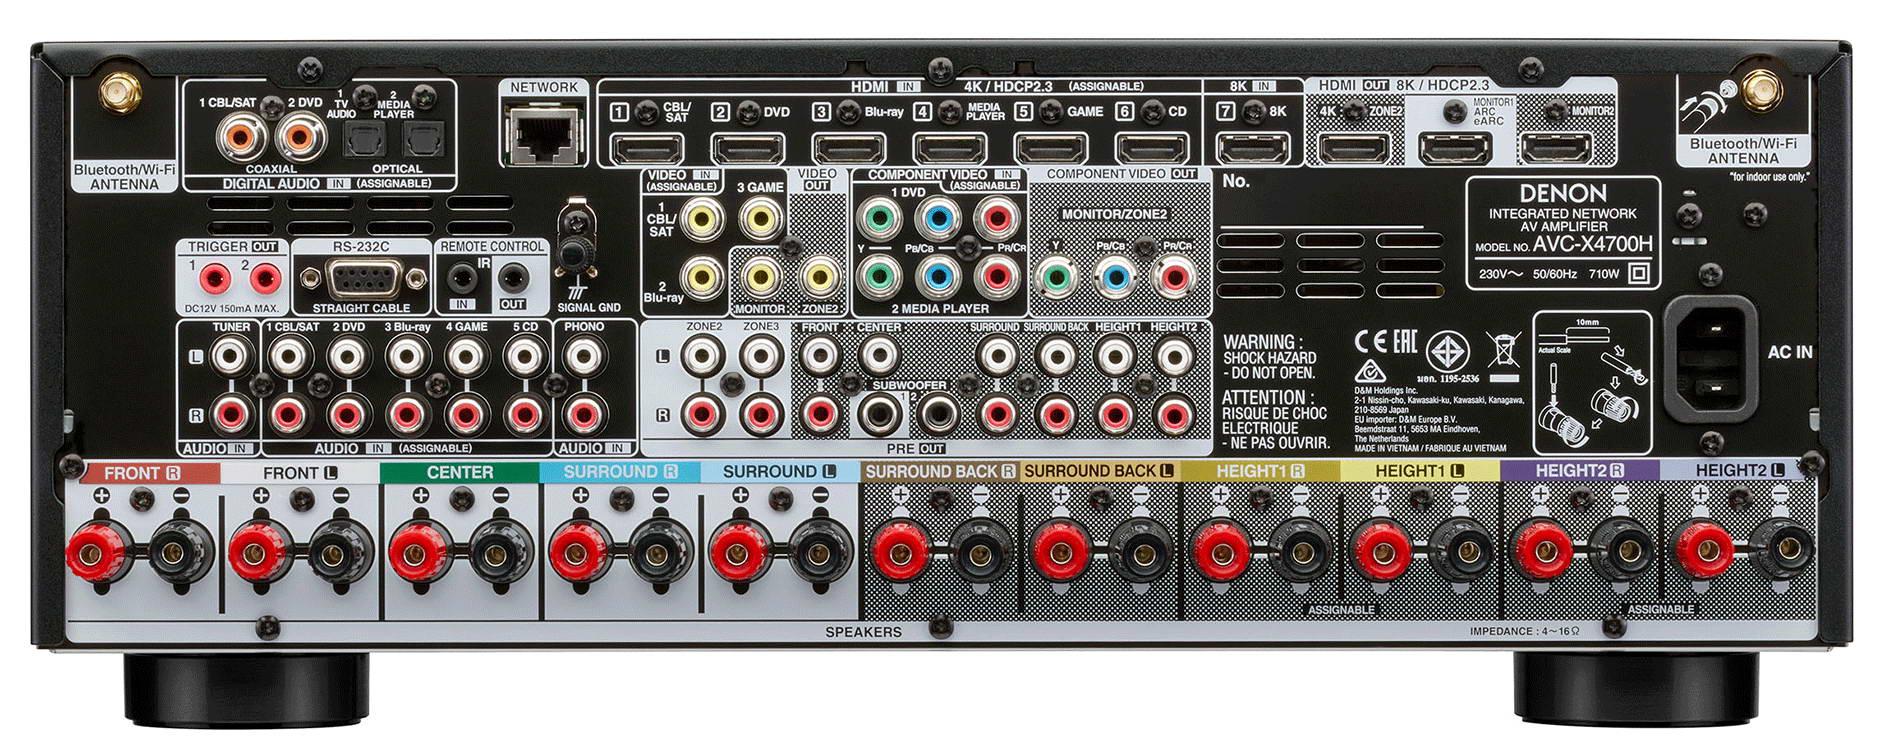 AV ресивер Denon AVC-X4700H